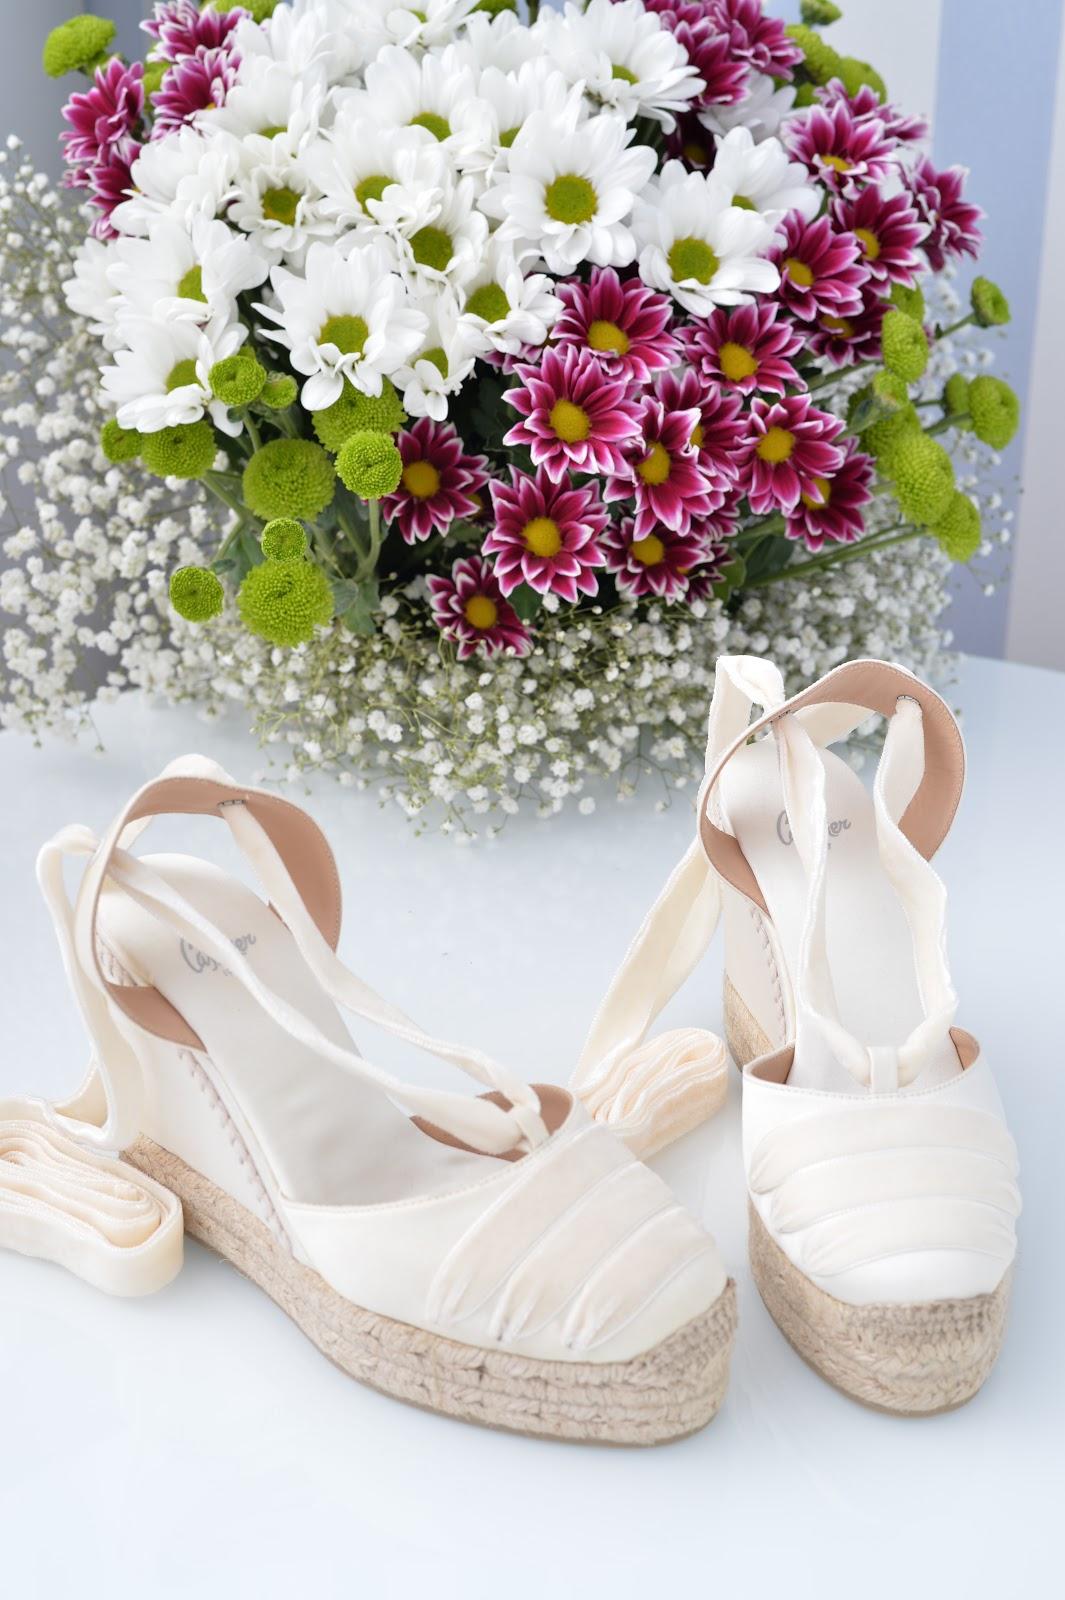 castañer espadrilles bridal collection colección novias esparto